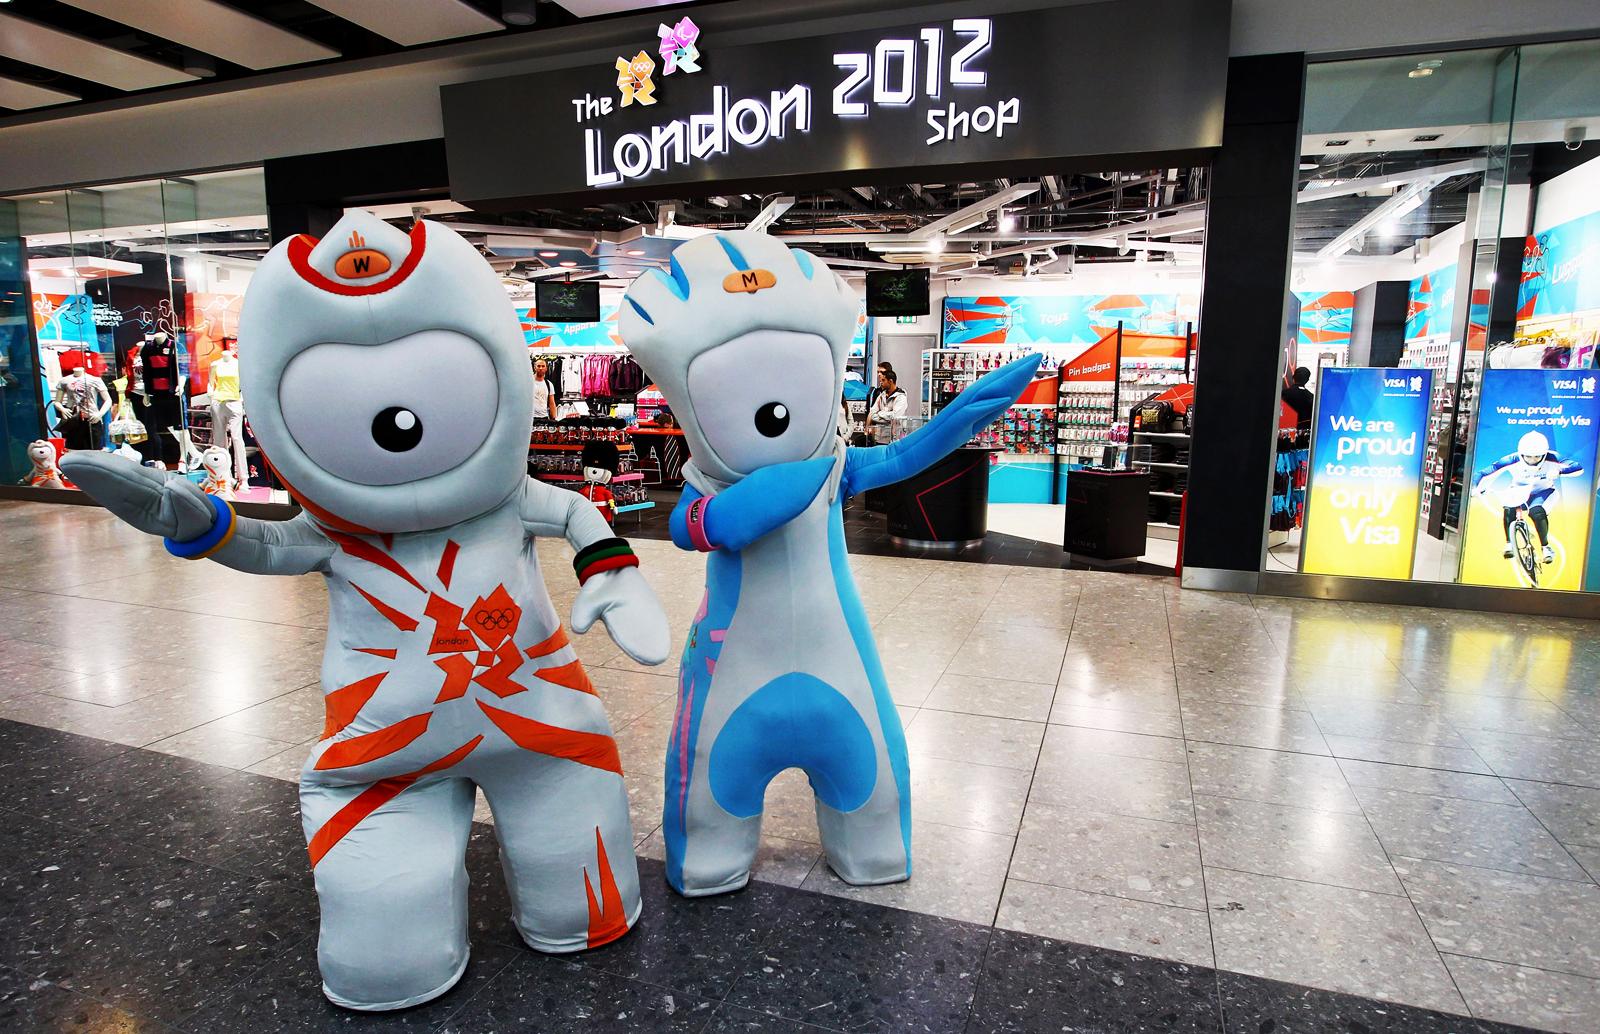 http://2.bp.blogspot.com/-dvCjHKzl11g/T_szSNqnc5I/AAAAAAAACiI/pN4teNBHXPE/s1600/London_2012_Olympics_Mascots_Shop_HD_Wallpaper-Vvallpaper.Net.jpg